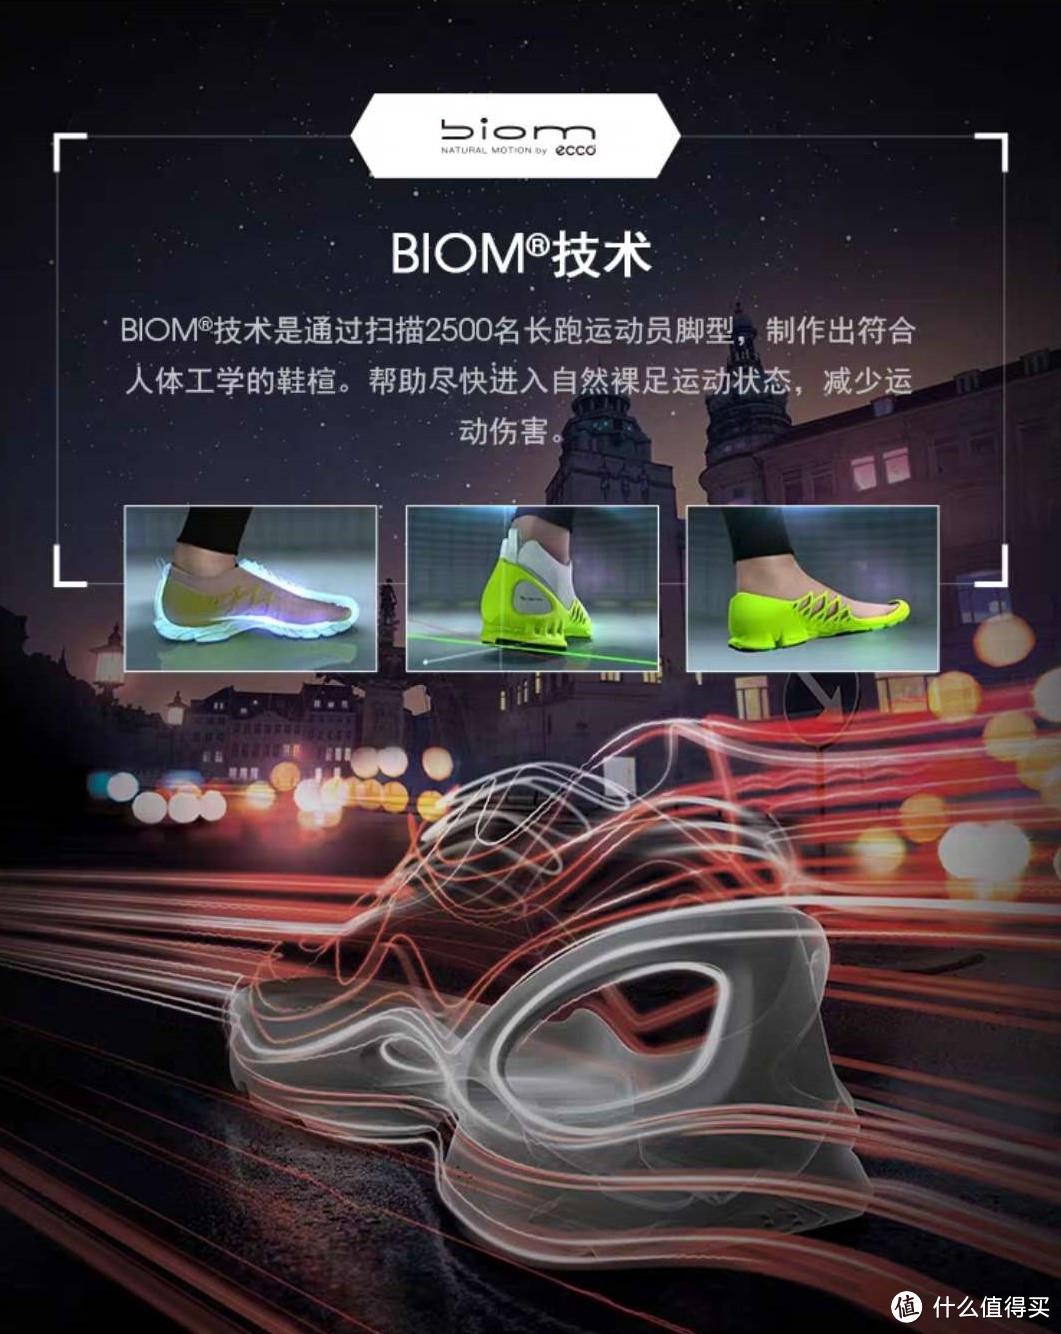 自然律动技术,主要应用在运动鞋款,而且都价格不菲